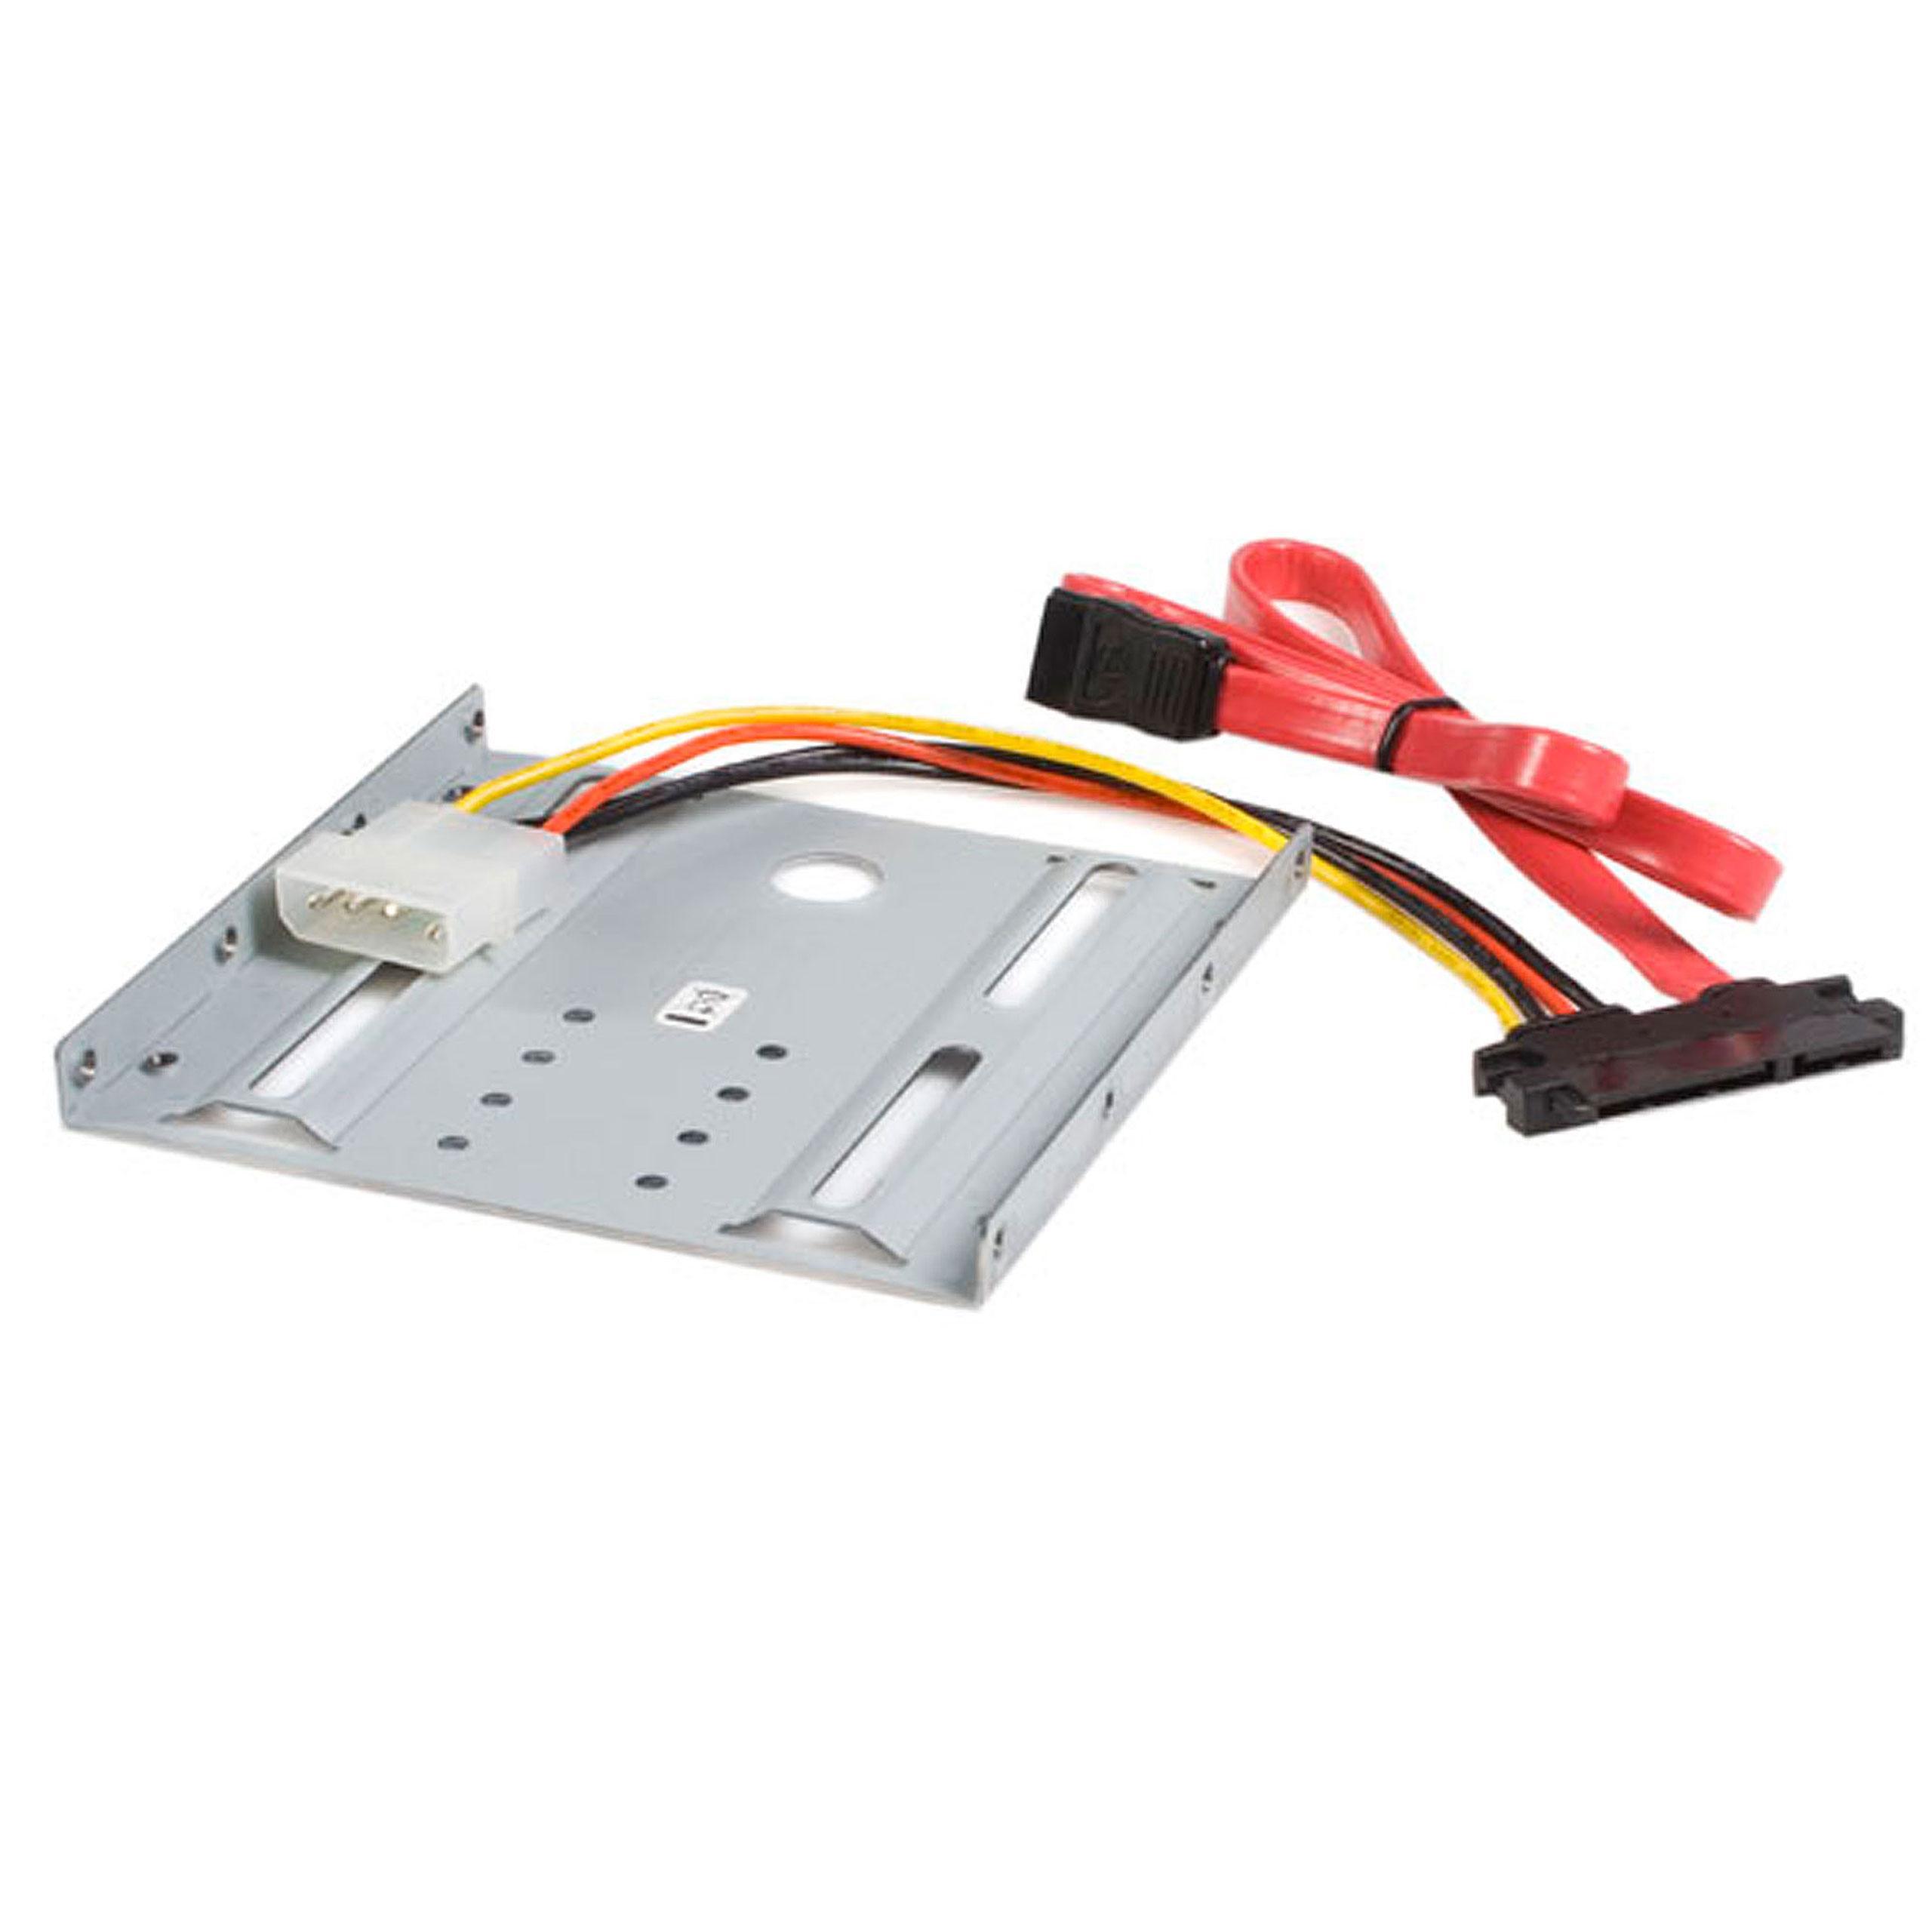 comment installer le kit d'adaptateur de câble d'enceinte bose